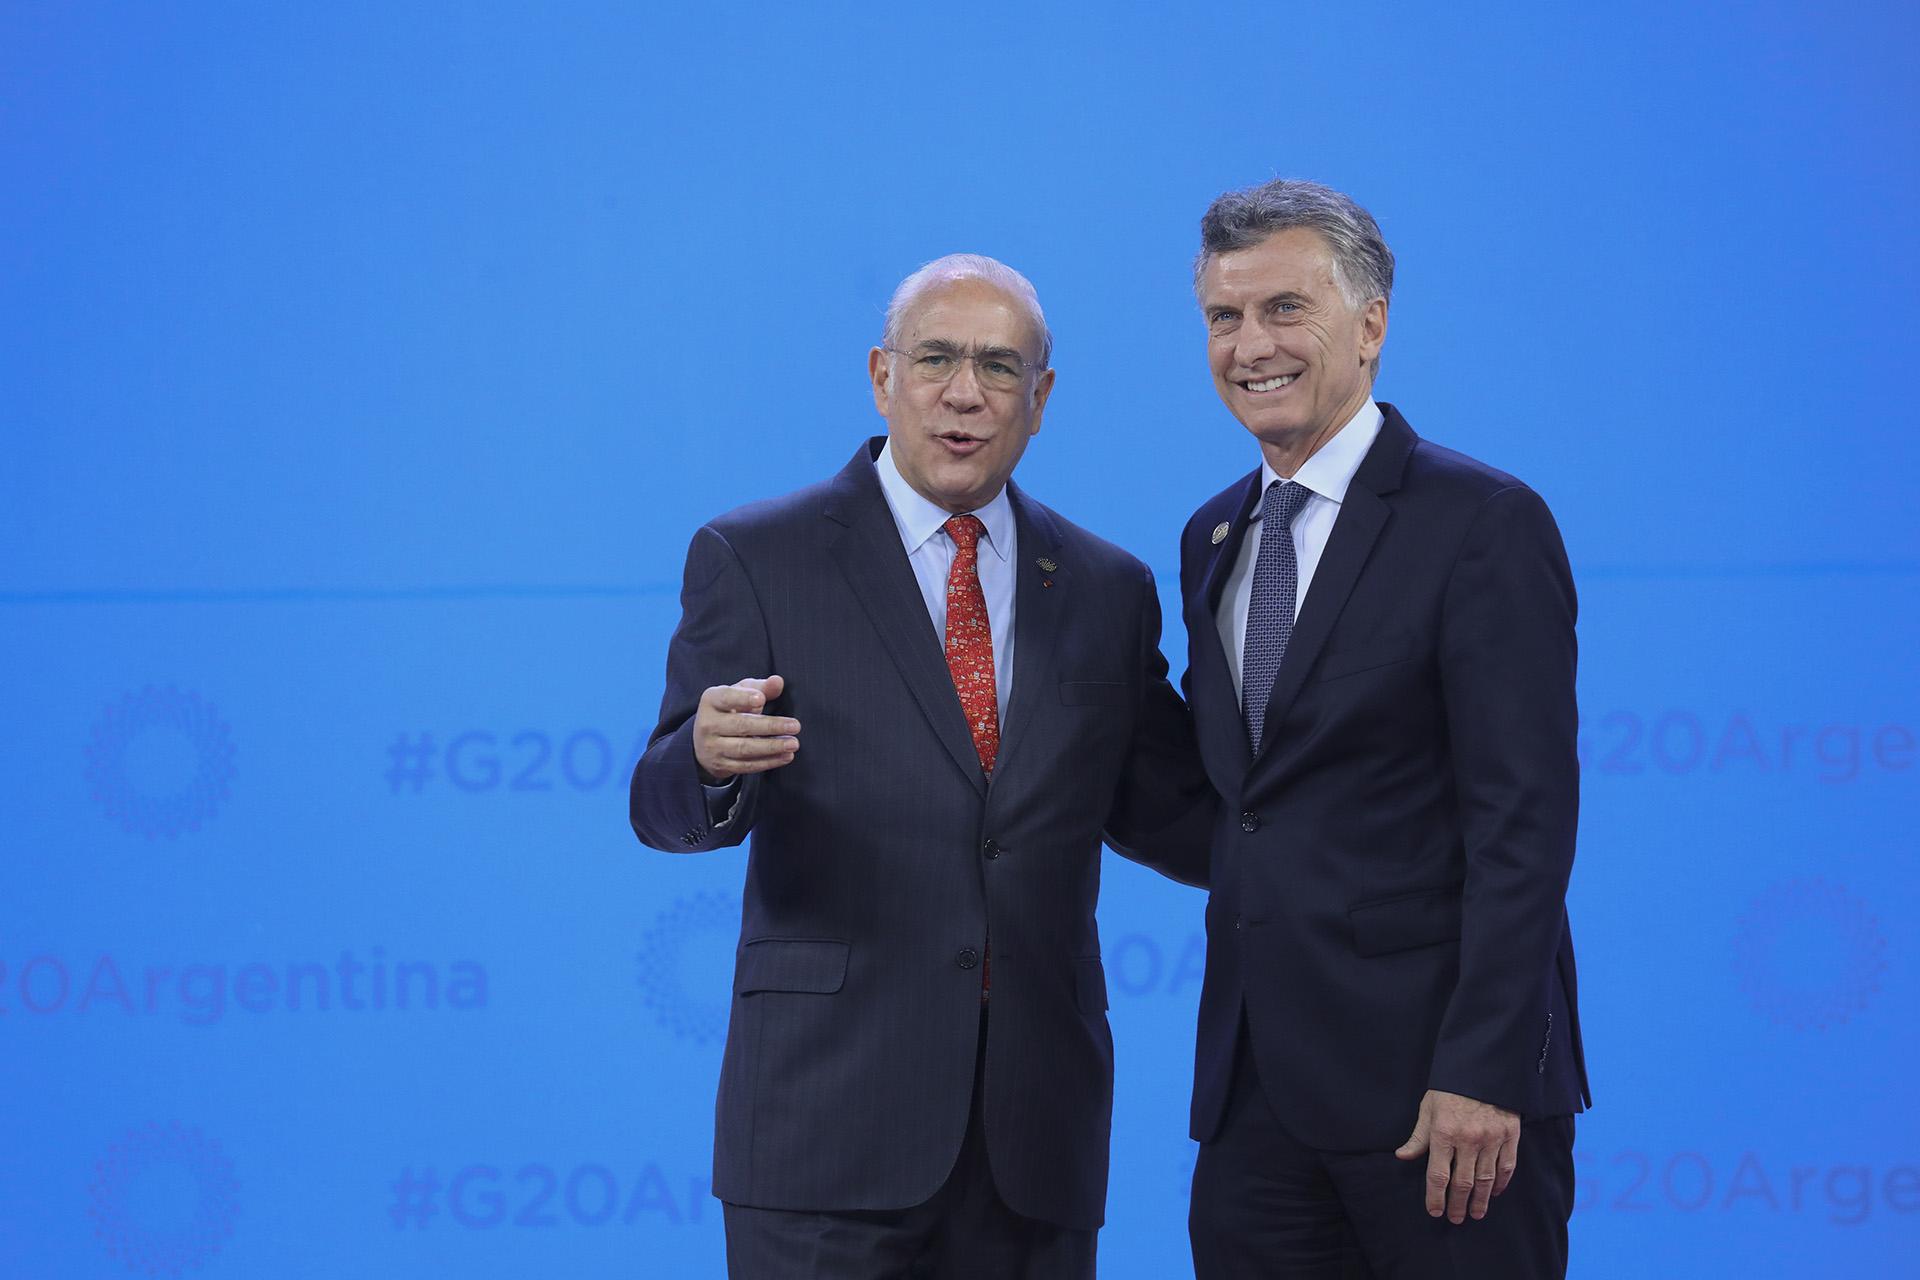 El secretario general de la OCDEAngel Gurria con Macri